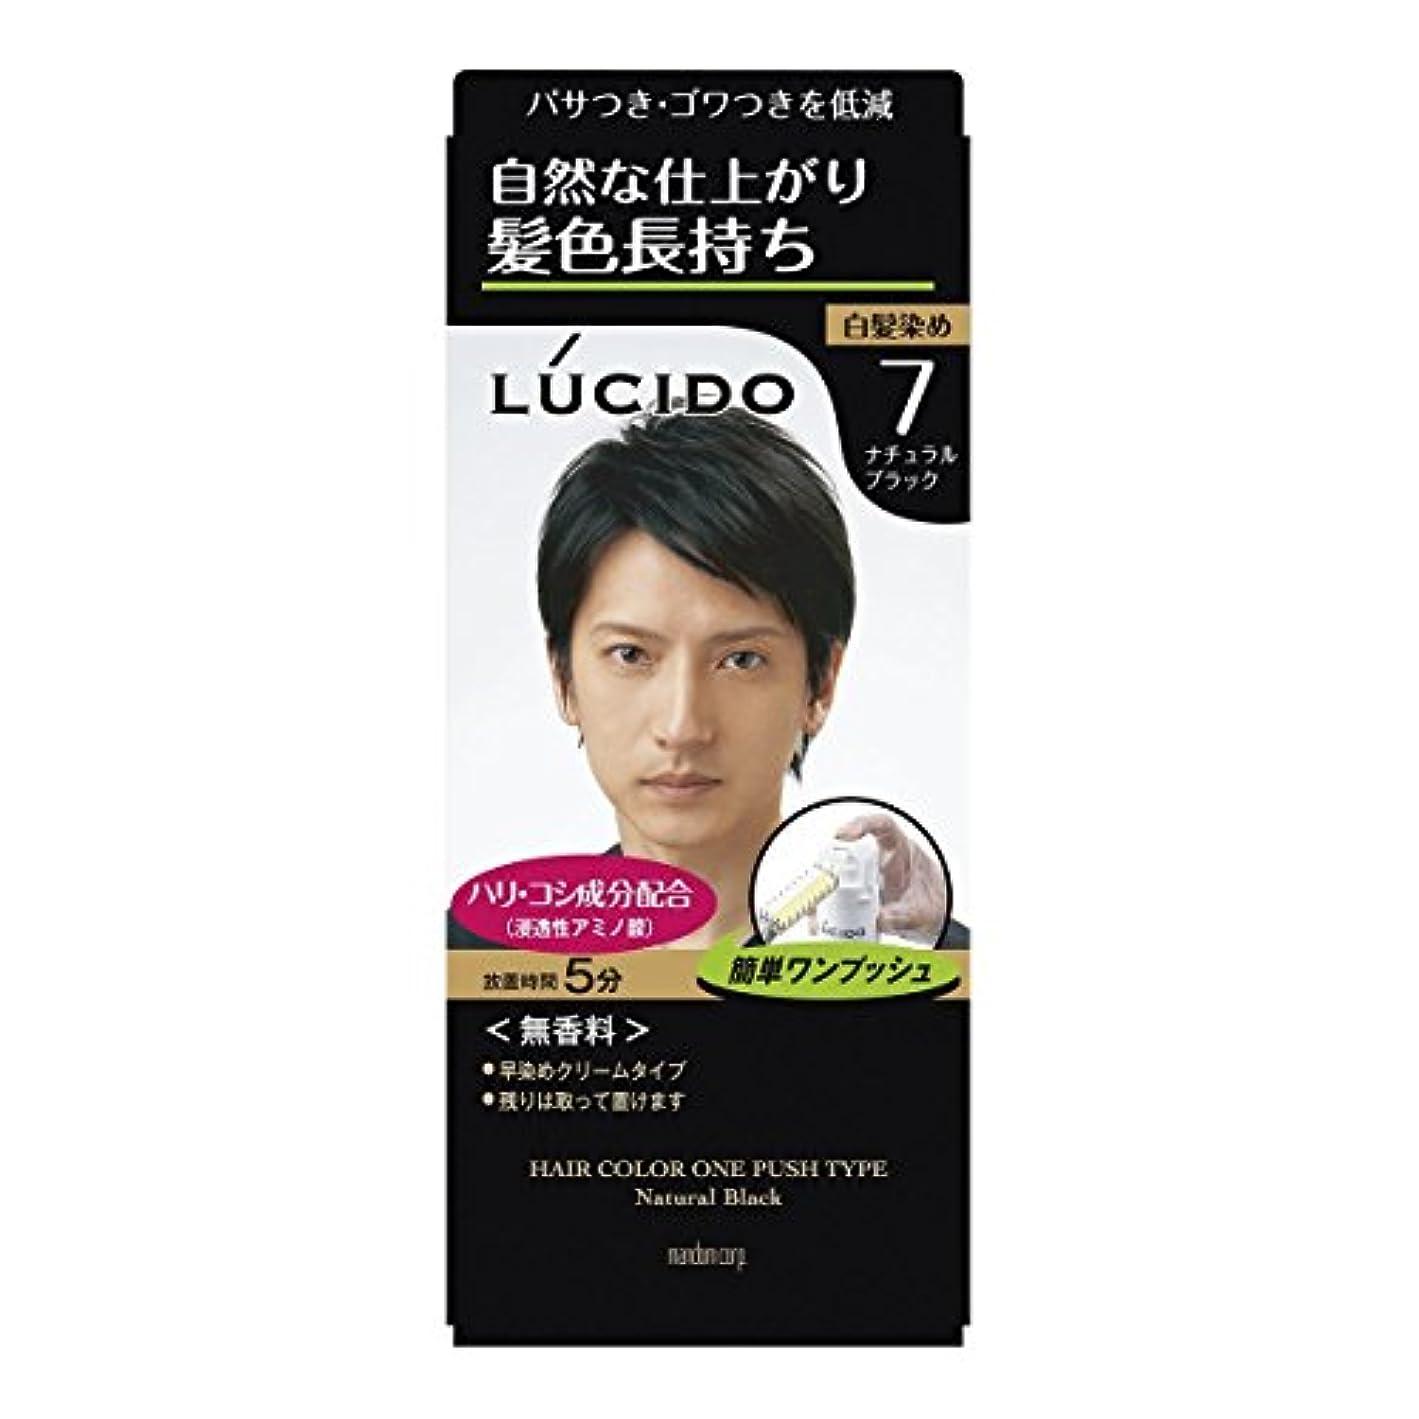 【マンダム】ルシード ワンプッシュケアカラー 7 ナチュラルブラック 1剤50g?2剤50g ×5個セット